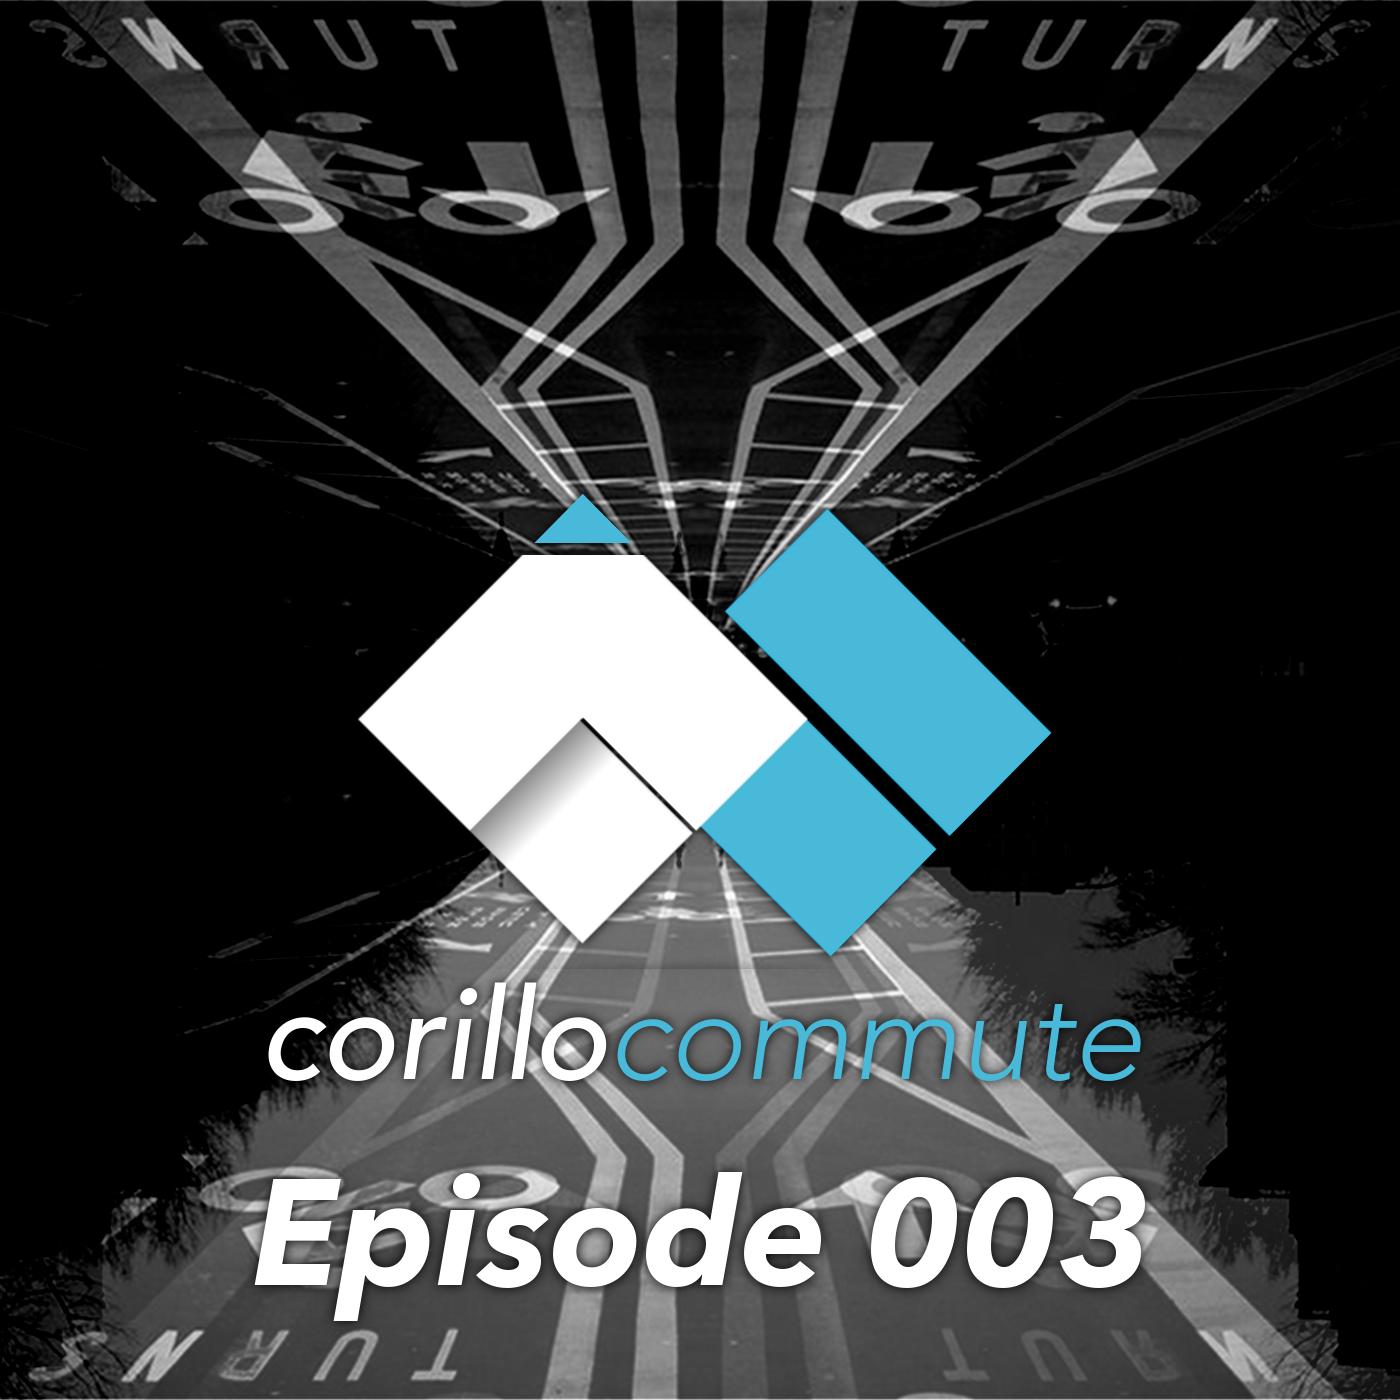 Corillo Commute Podcast - Episode Covers 003